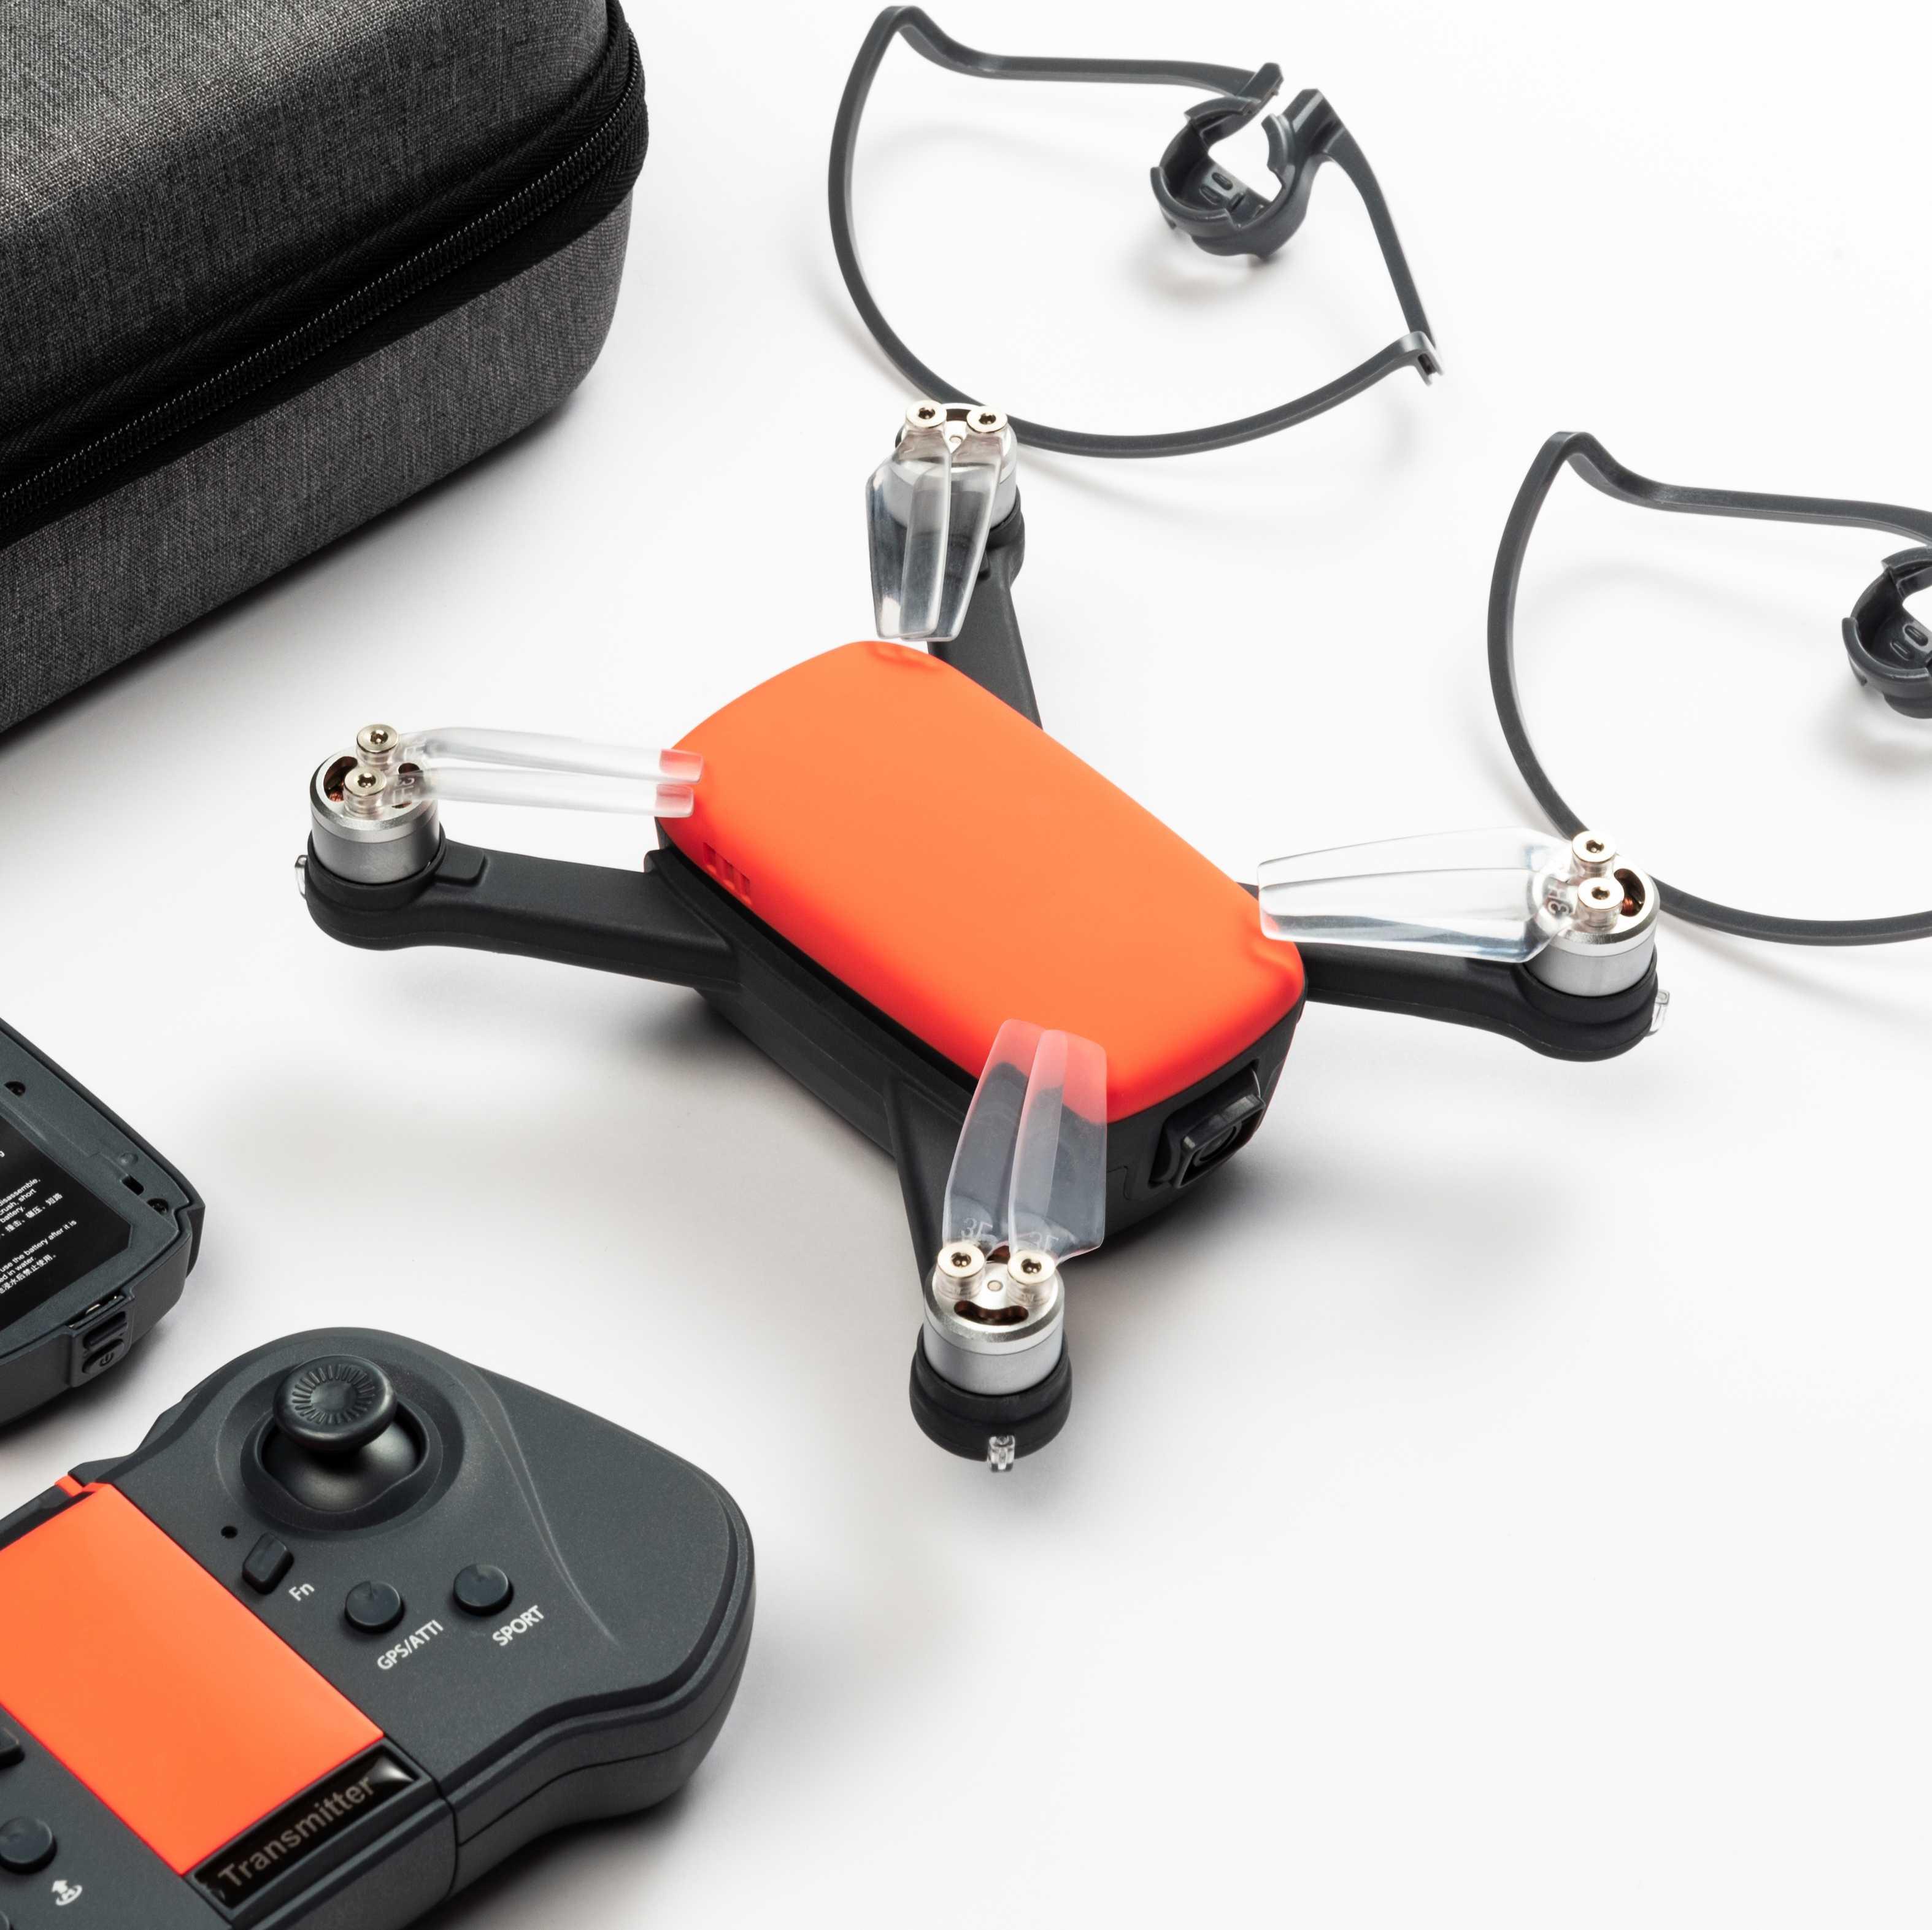 ZOAI 開始 Quadcopter ドローンとカメラ GPS 1080 1080P FPV ミニ RC ドローンブラシレスモーター 5 グラム無線 Lan 伝送空中カメラ